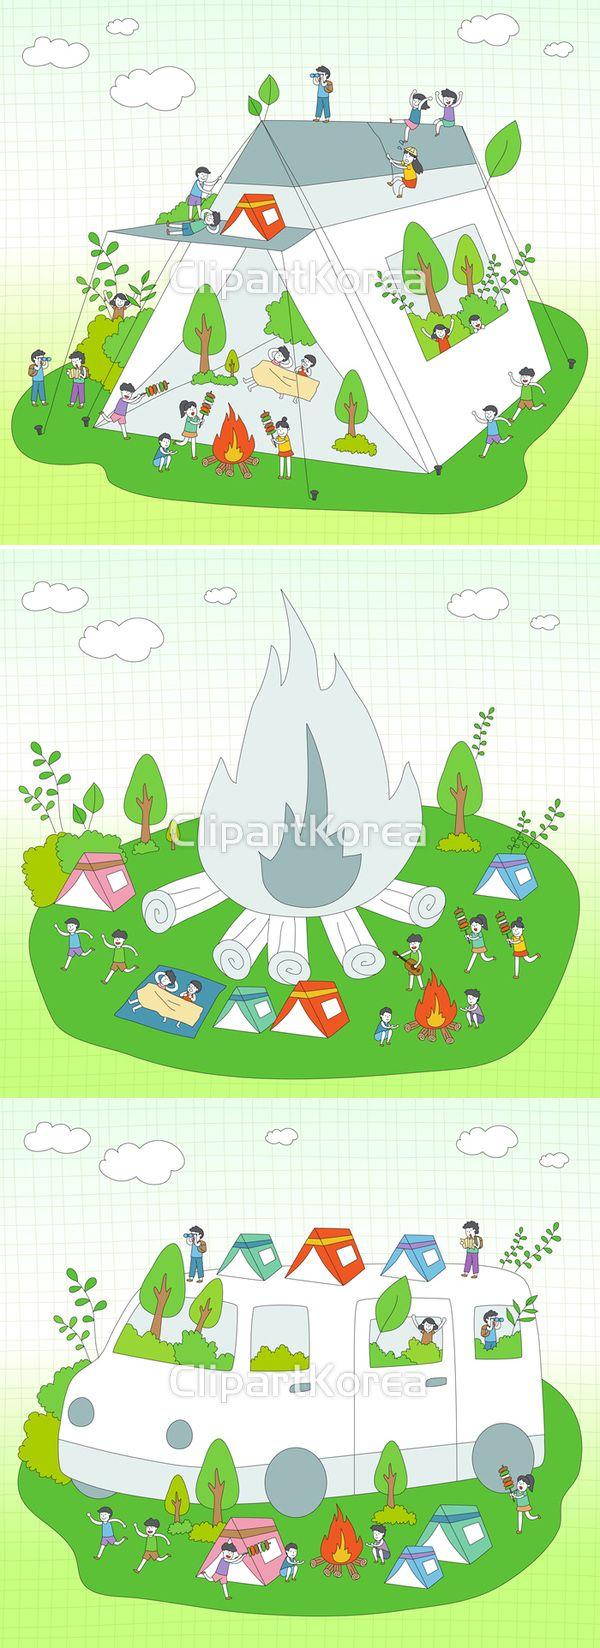 클립아트코리아 이미지투데이 통로이미지clipartkorea imagetoday tongroimages 구름 나무 일러스트 장작불 캠핑 자동차 캠핑카 텐트 그래픽 디자인 레져 휴가 바비큐 tent camping car cloud wood fire illustration illust graphic design leisure vacation barbecue